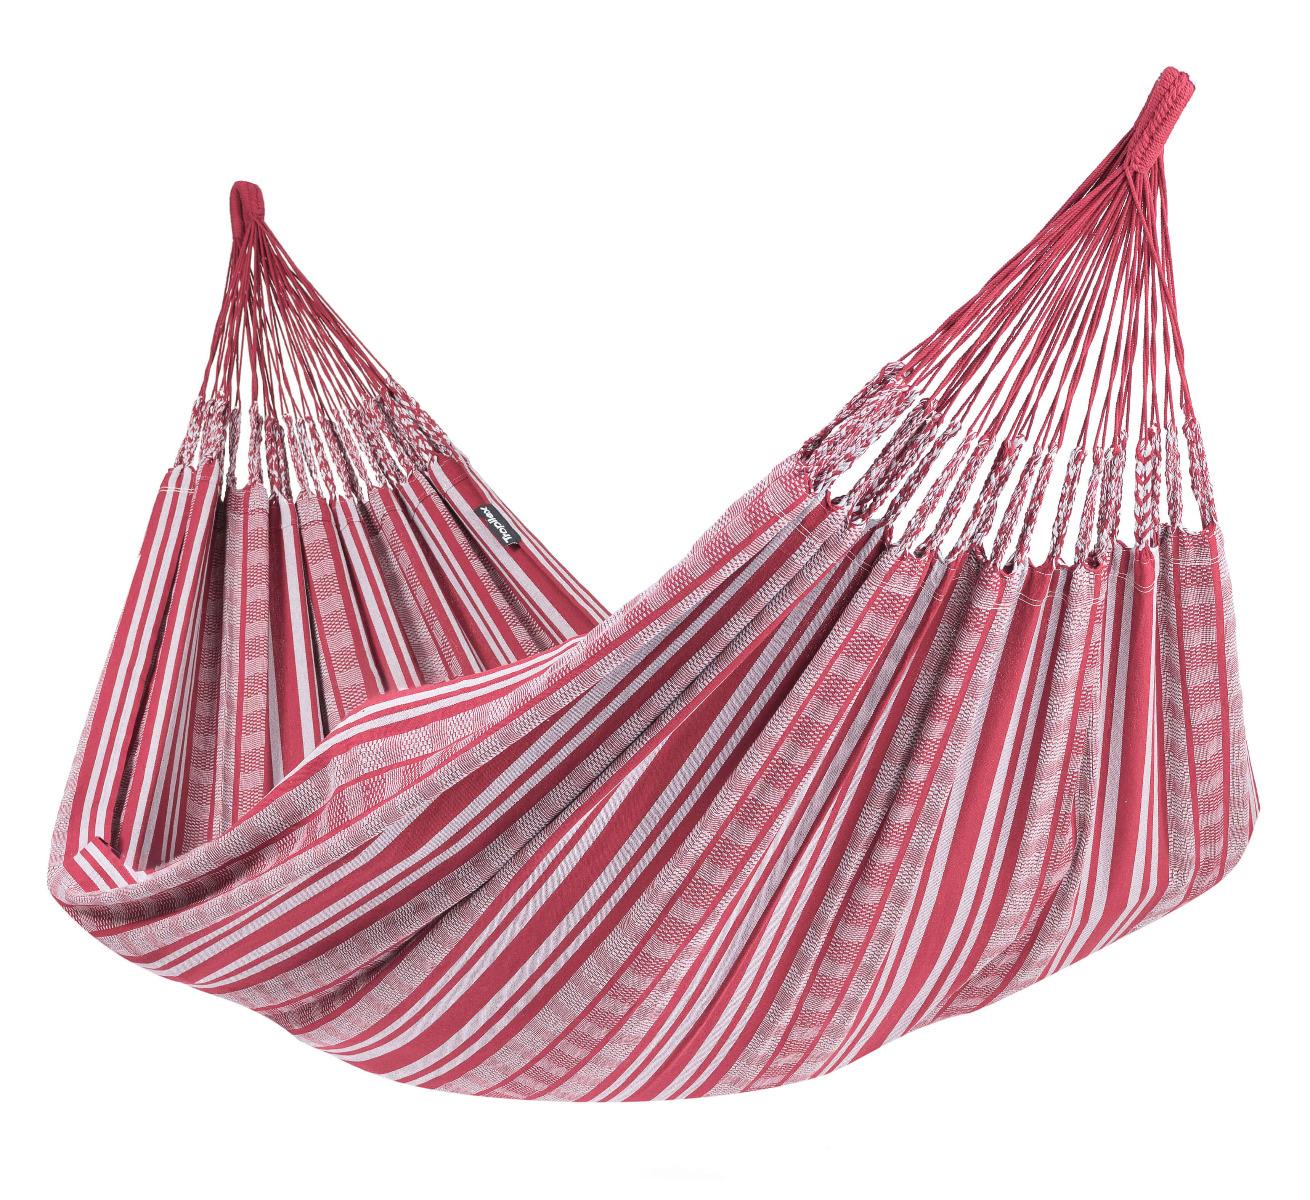 'Comfort' Bordeaux Tweepersoons Hangmat - Rood - Tropilex �